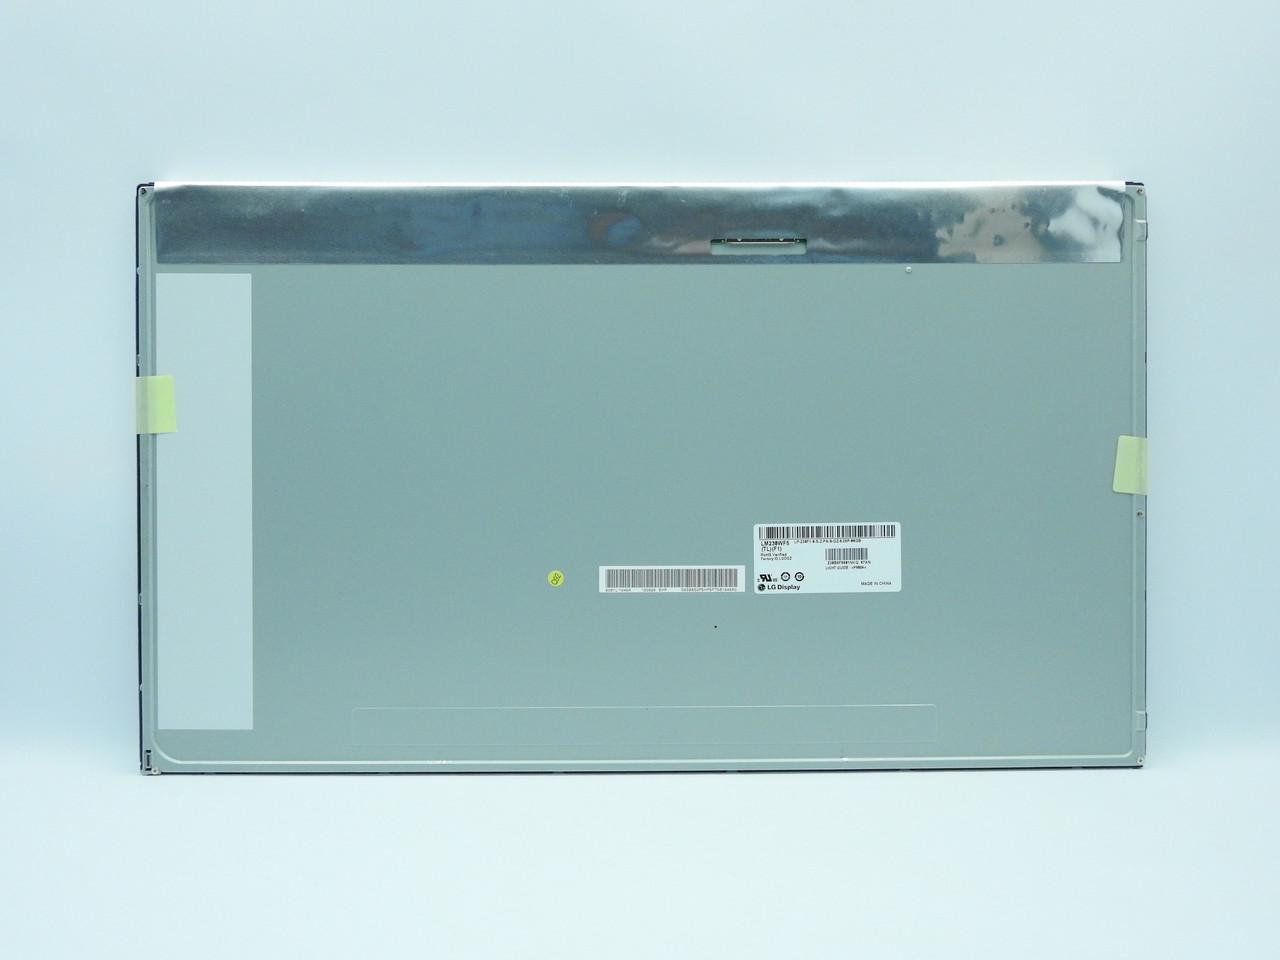 New. Дисплей LG LM230WF5-TLF1 для компьютера Lenovo Ideacentre C540